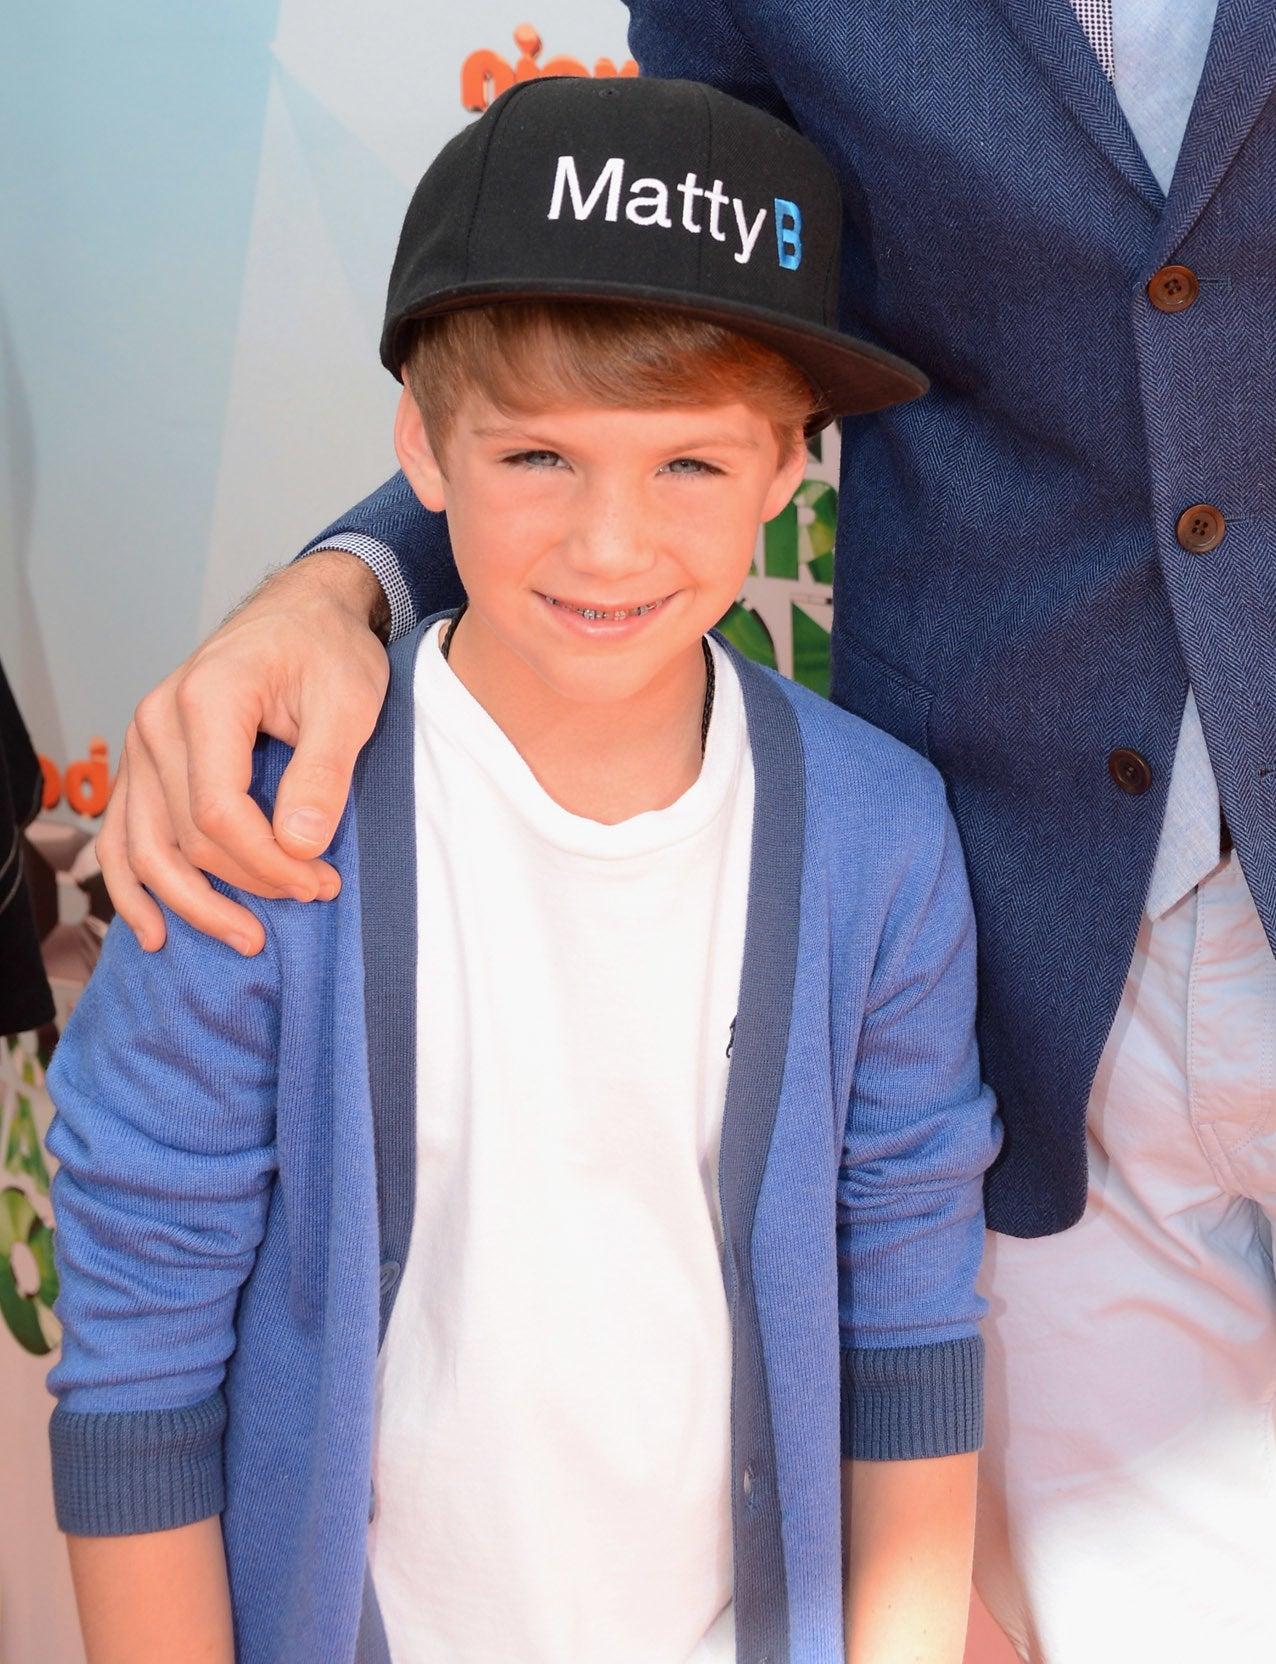 """Matty B wearing a baseball cap that says """"Matty B"""""""